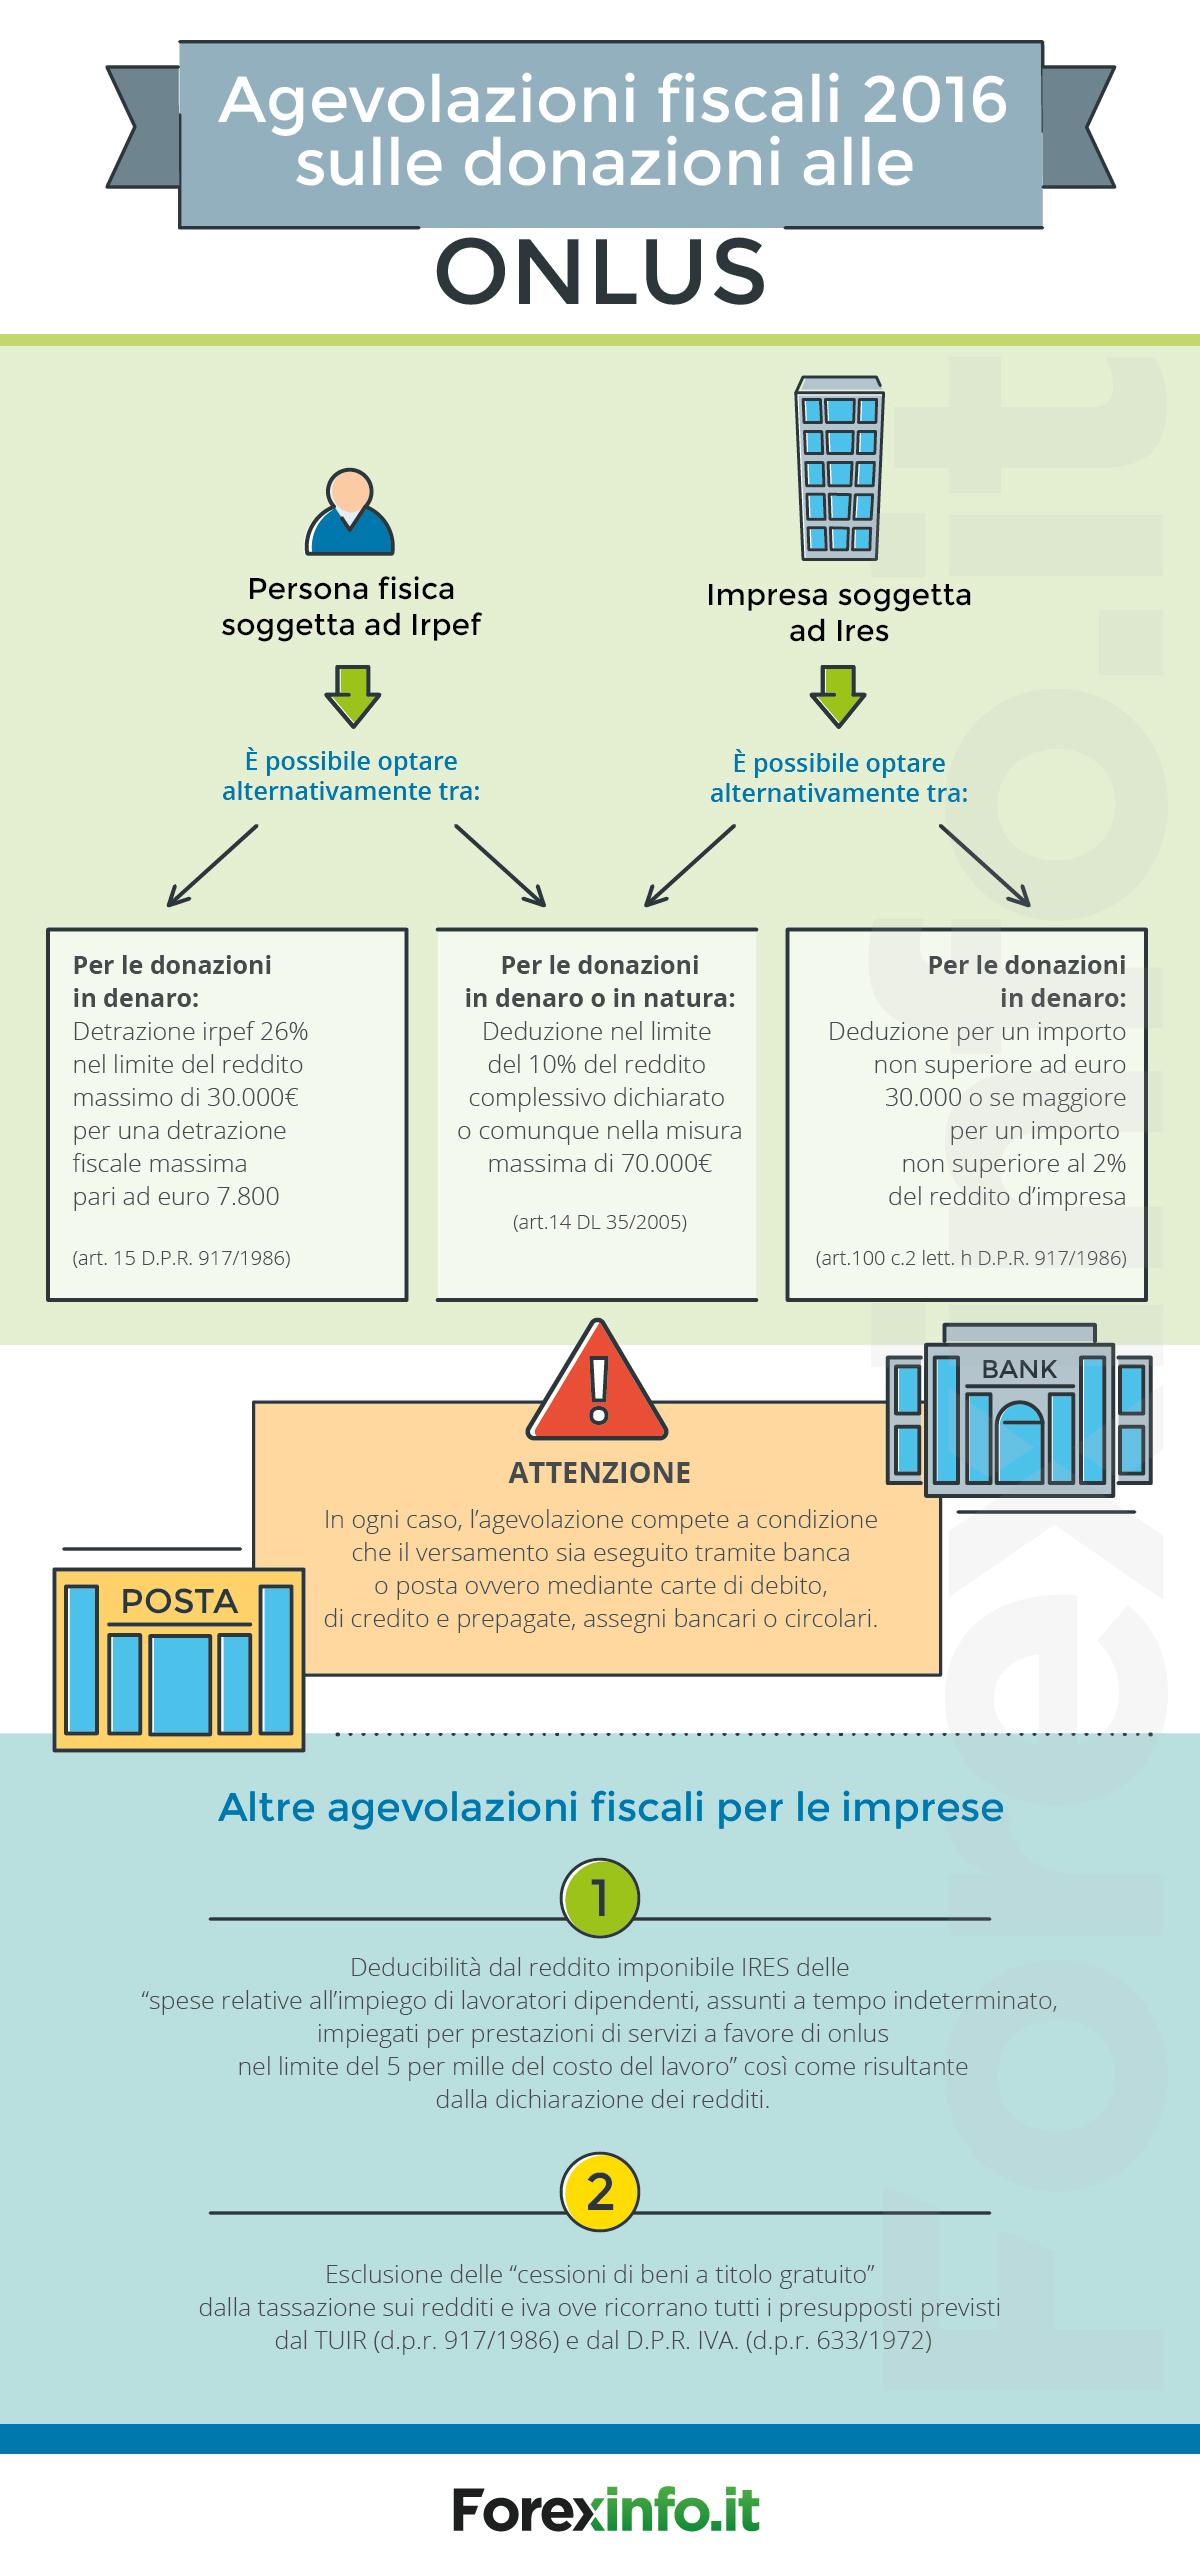 Agevolazioni fiscali 2016 sulle donazioni alle ONLUS